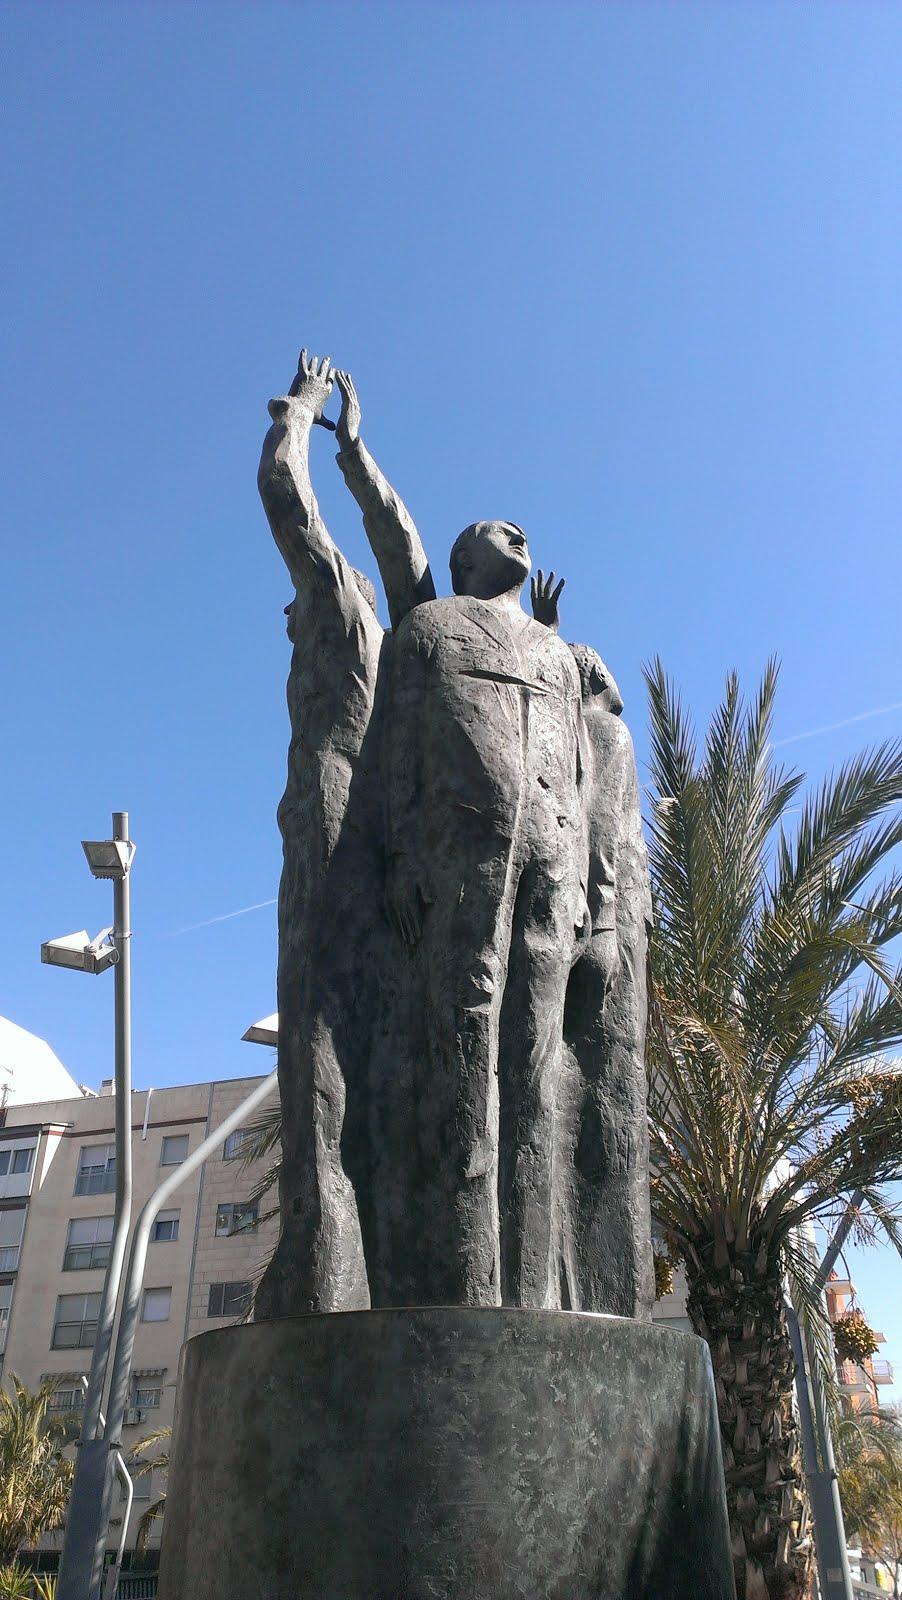 Monumento en recuerdo y memoria de las víctimas del 11-M